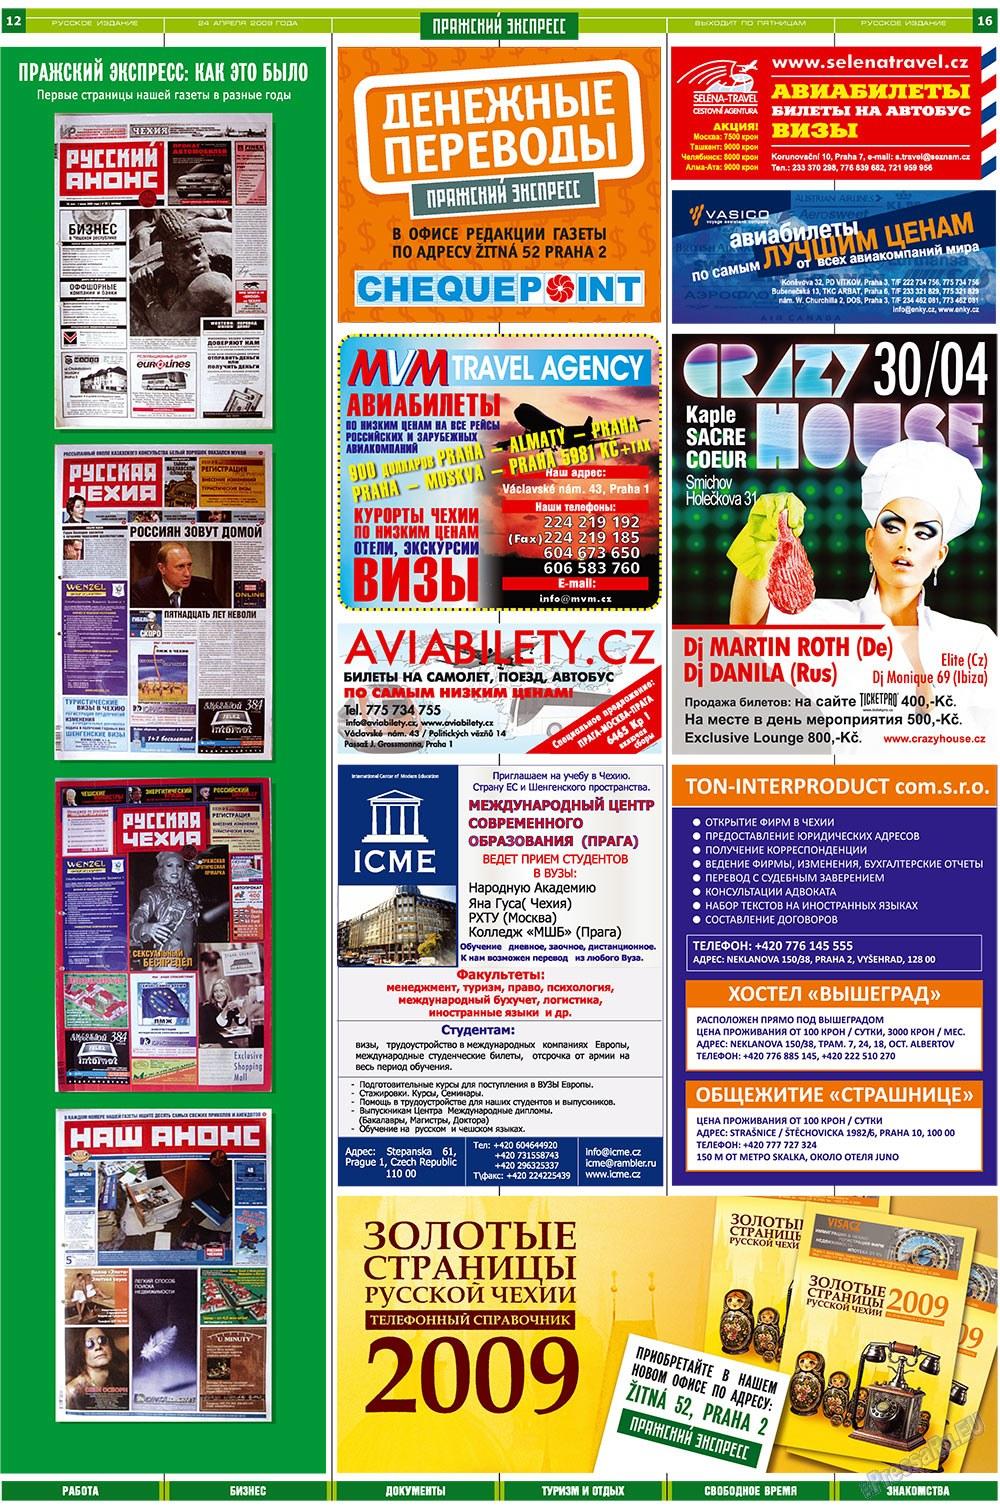 Пражский экспресс (газета). 2009 год, номер 16, стр. 12